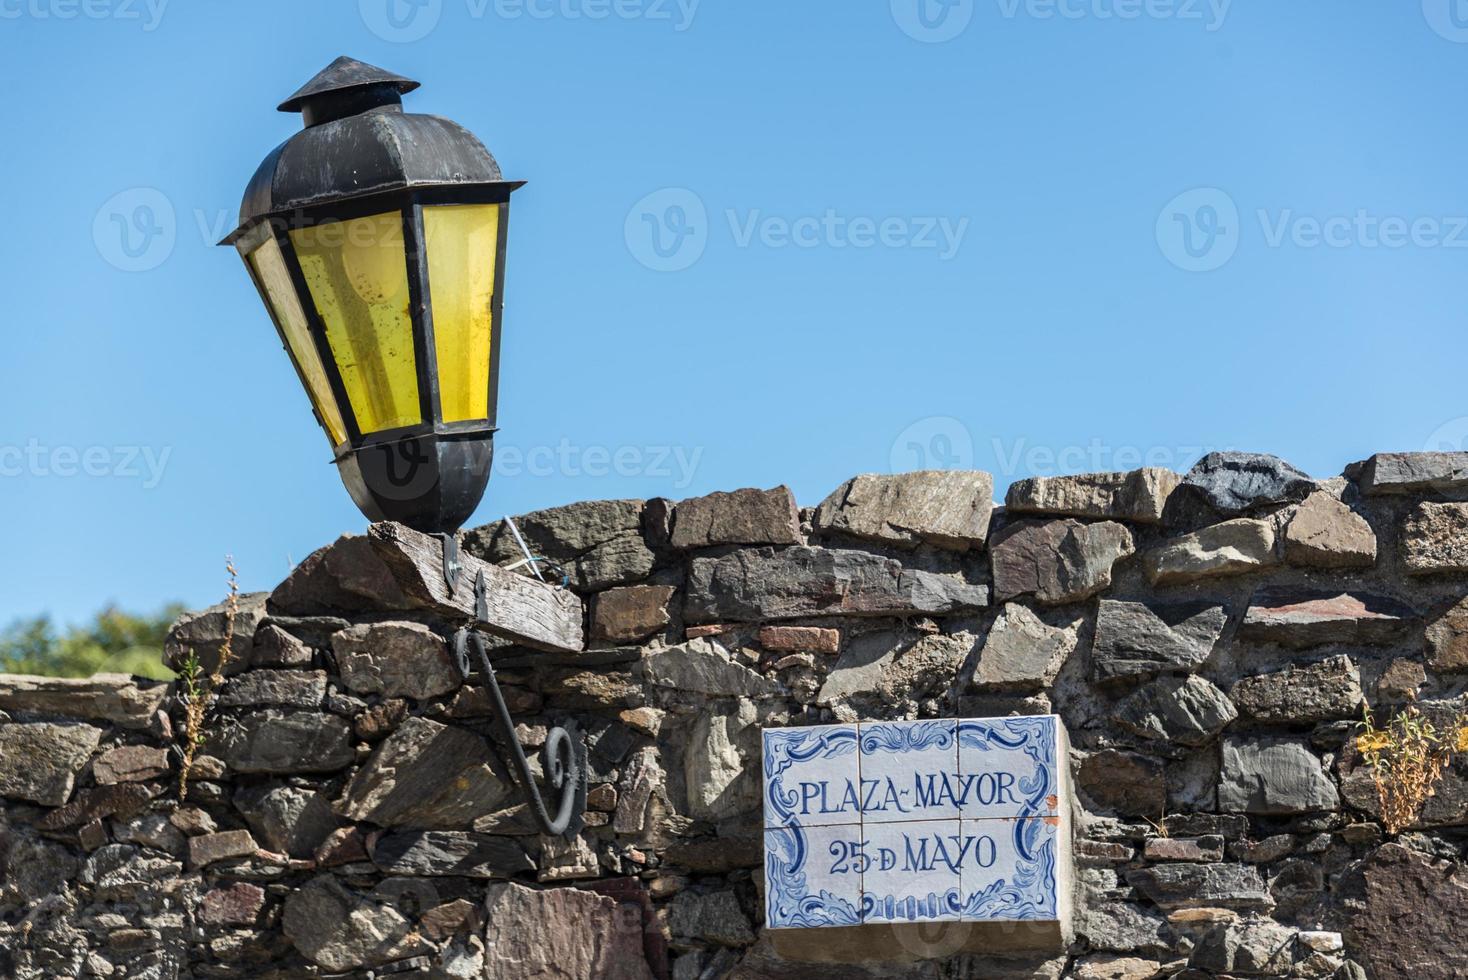 historisk lampa, colonia gator, uruguay. foto